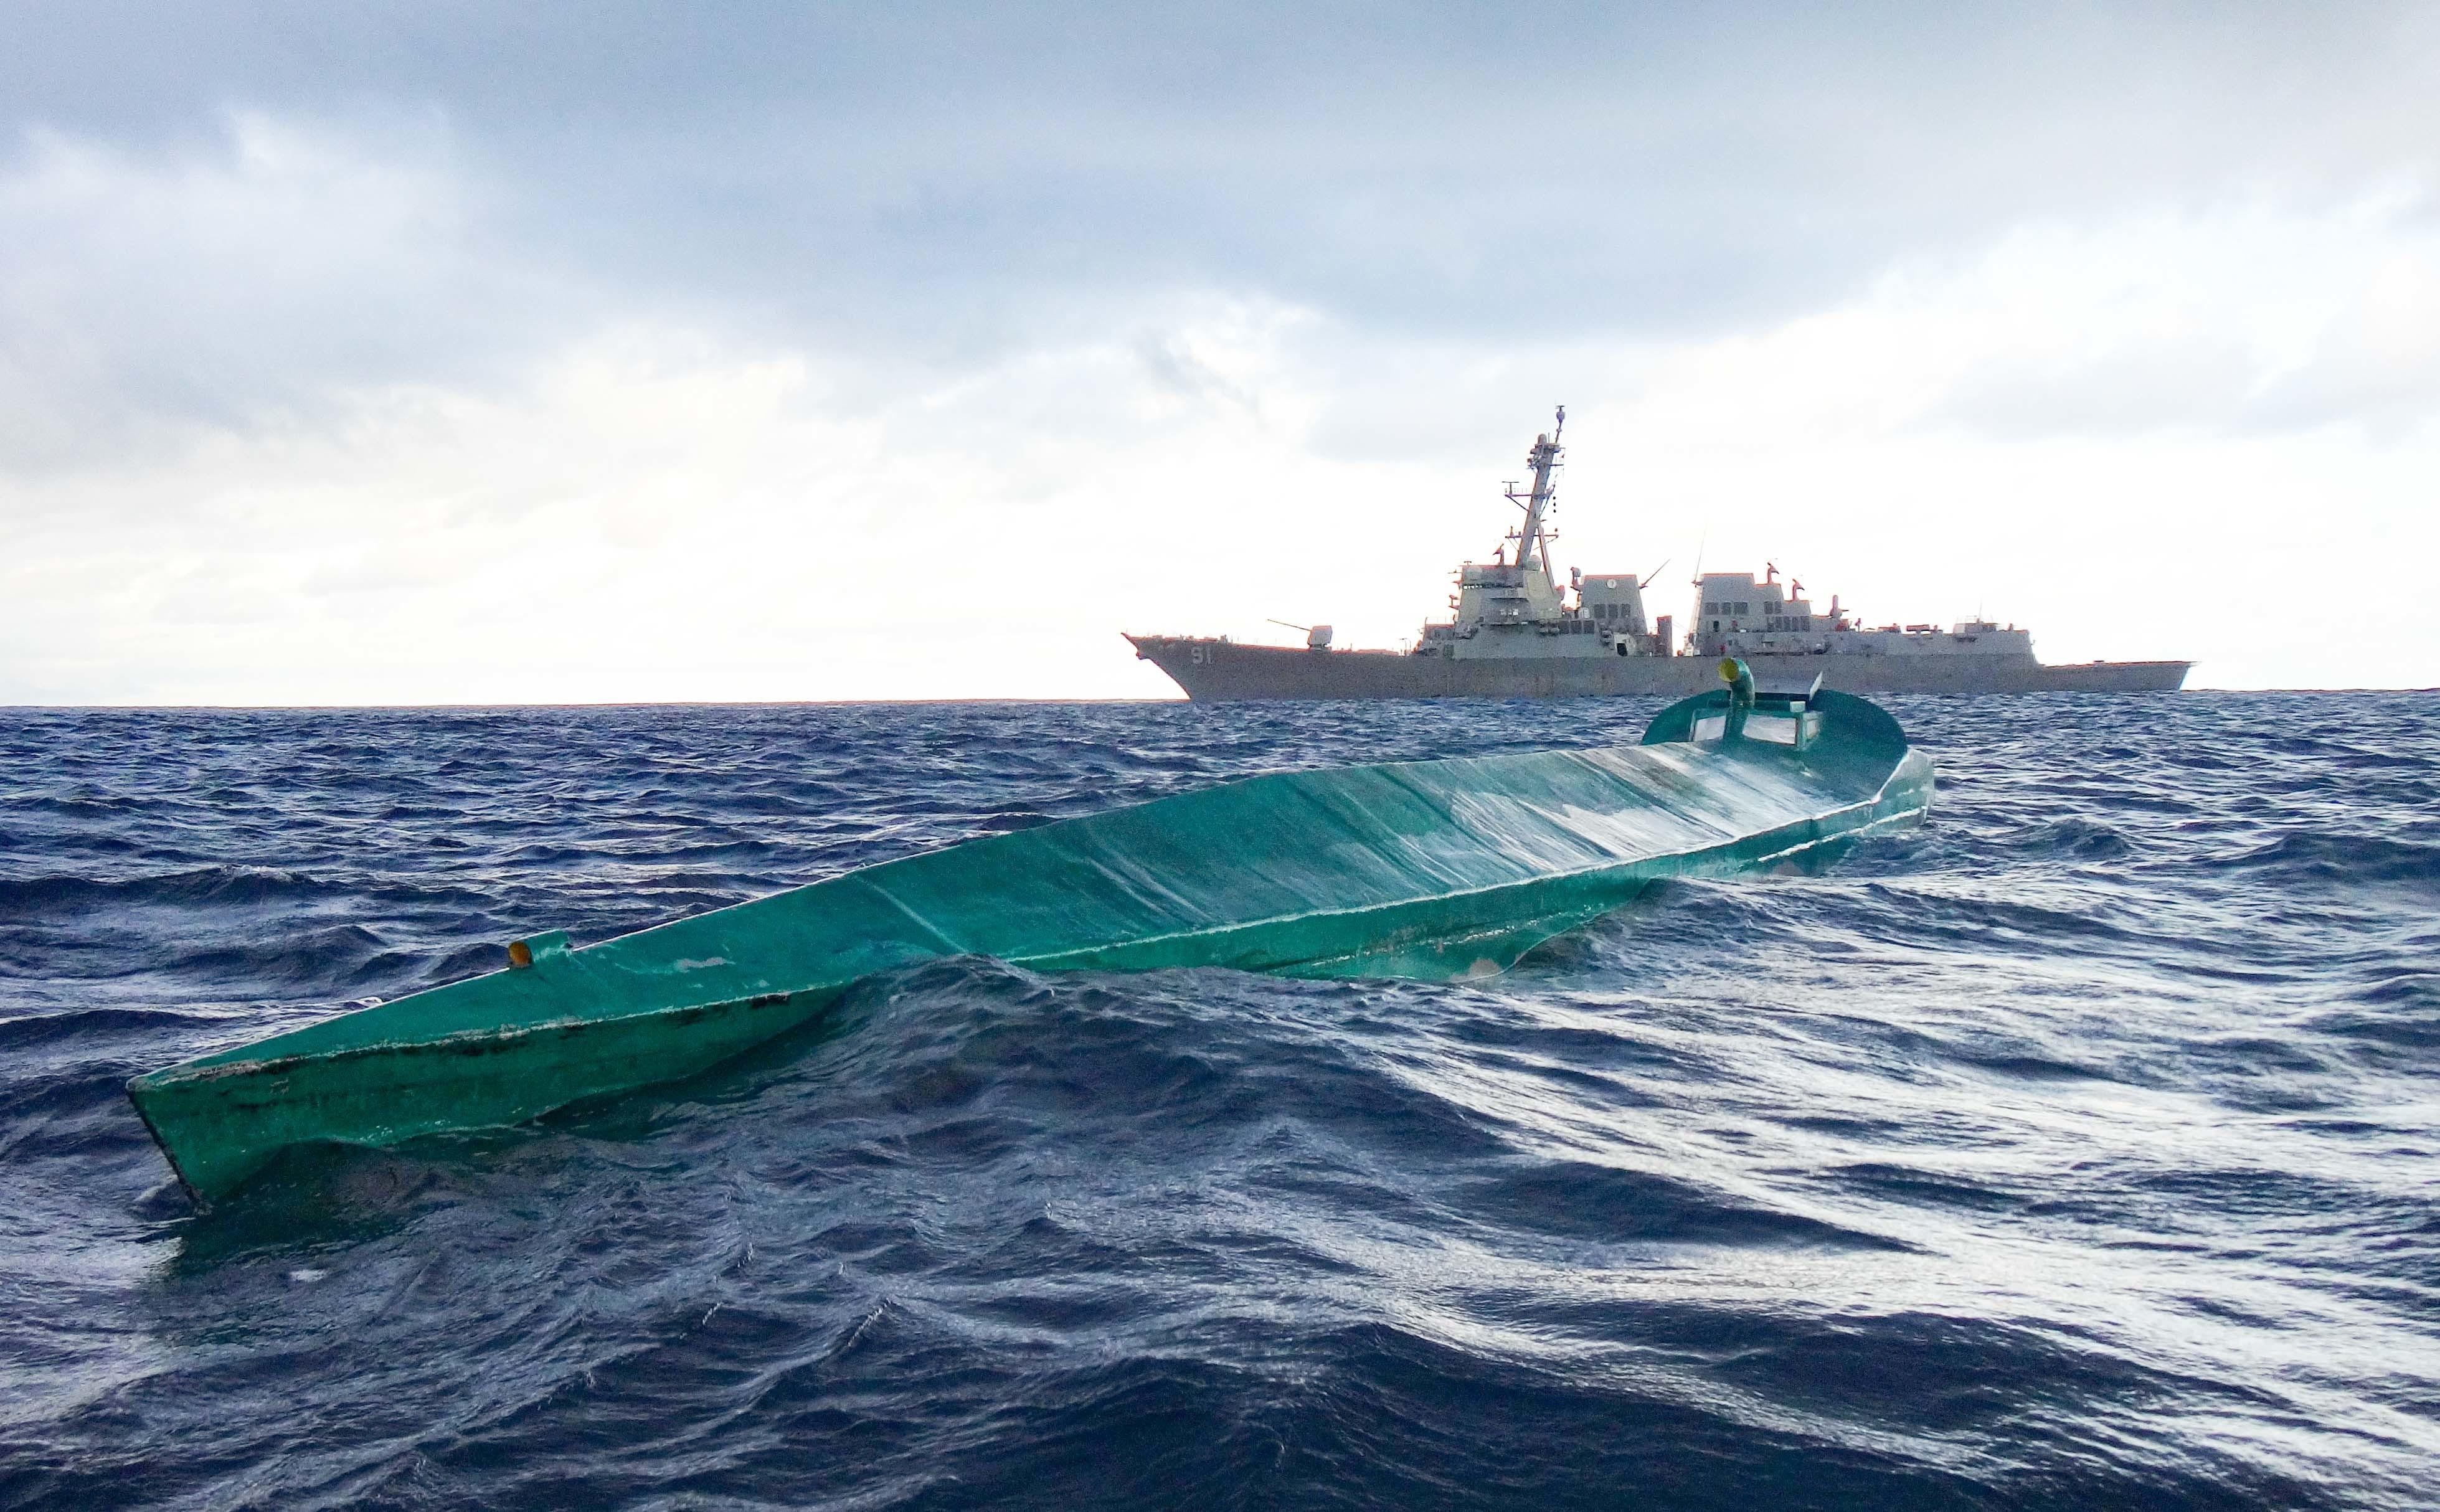 El USS Pinckney detiene embarcación narcotraficante e incauta 70 pacas de cocaína